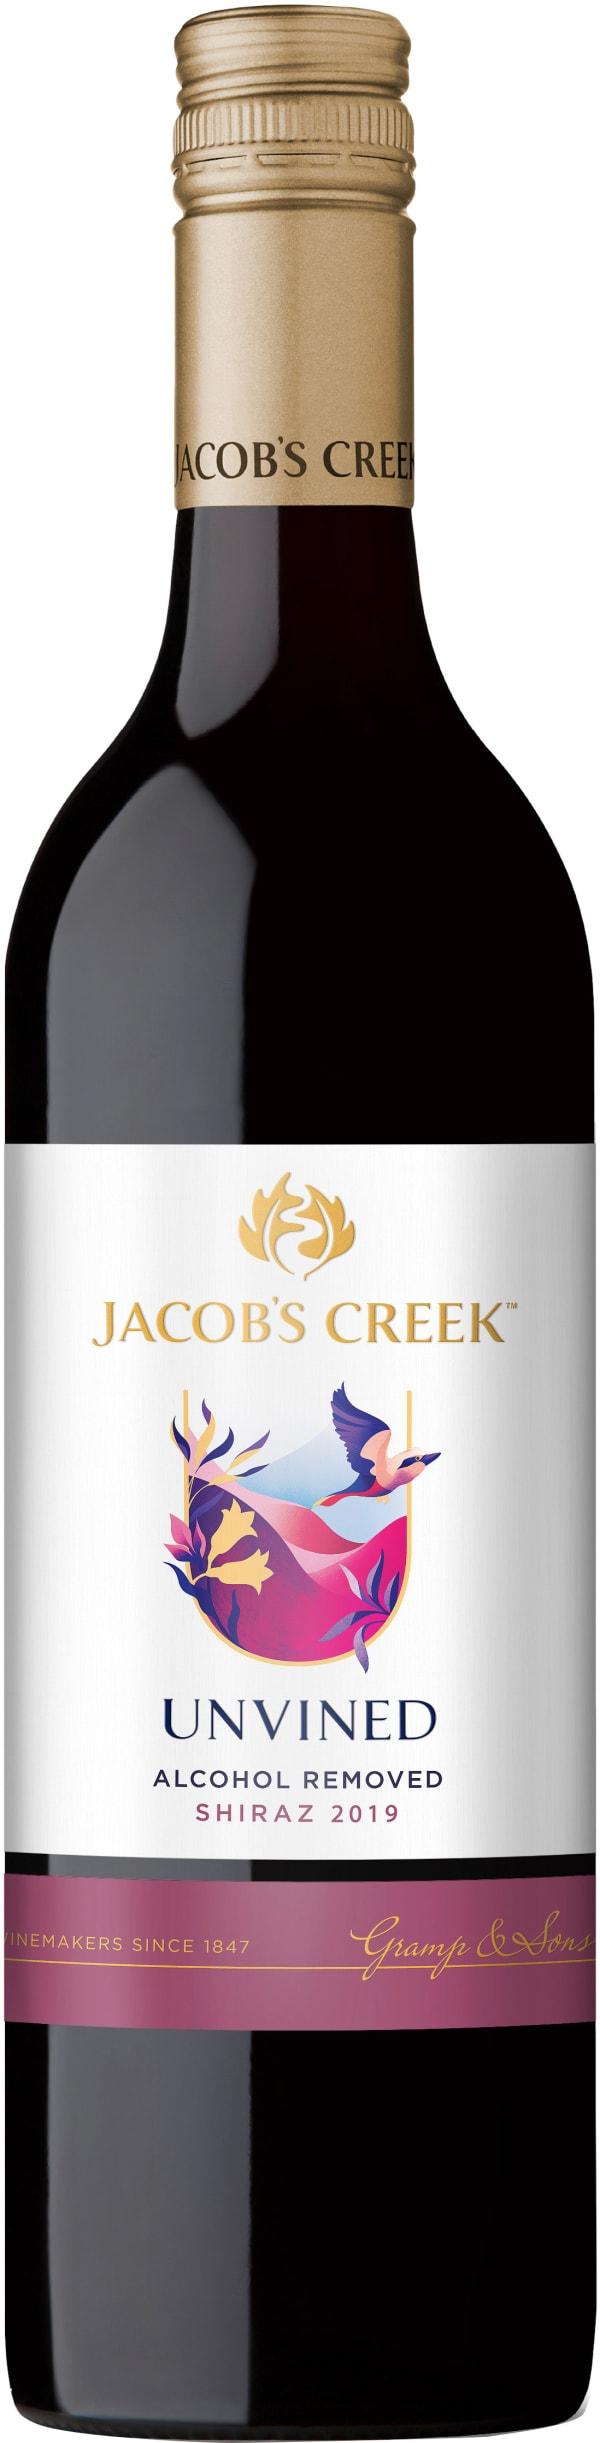 Jacob's Creek UnVined Shiraz 2018